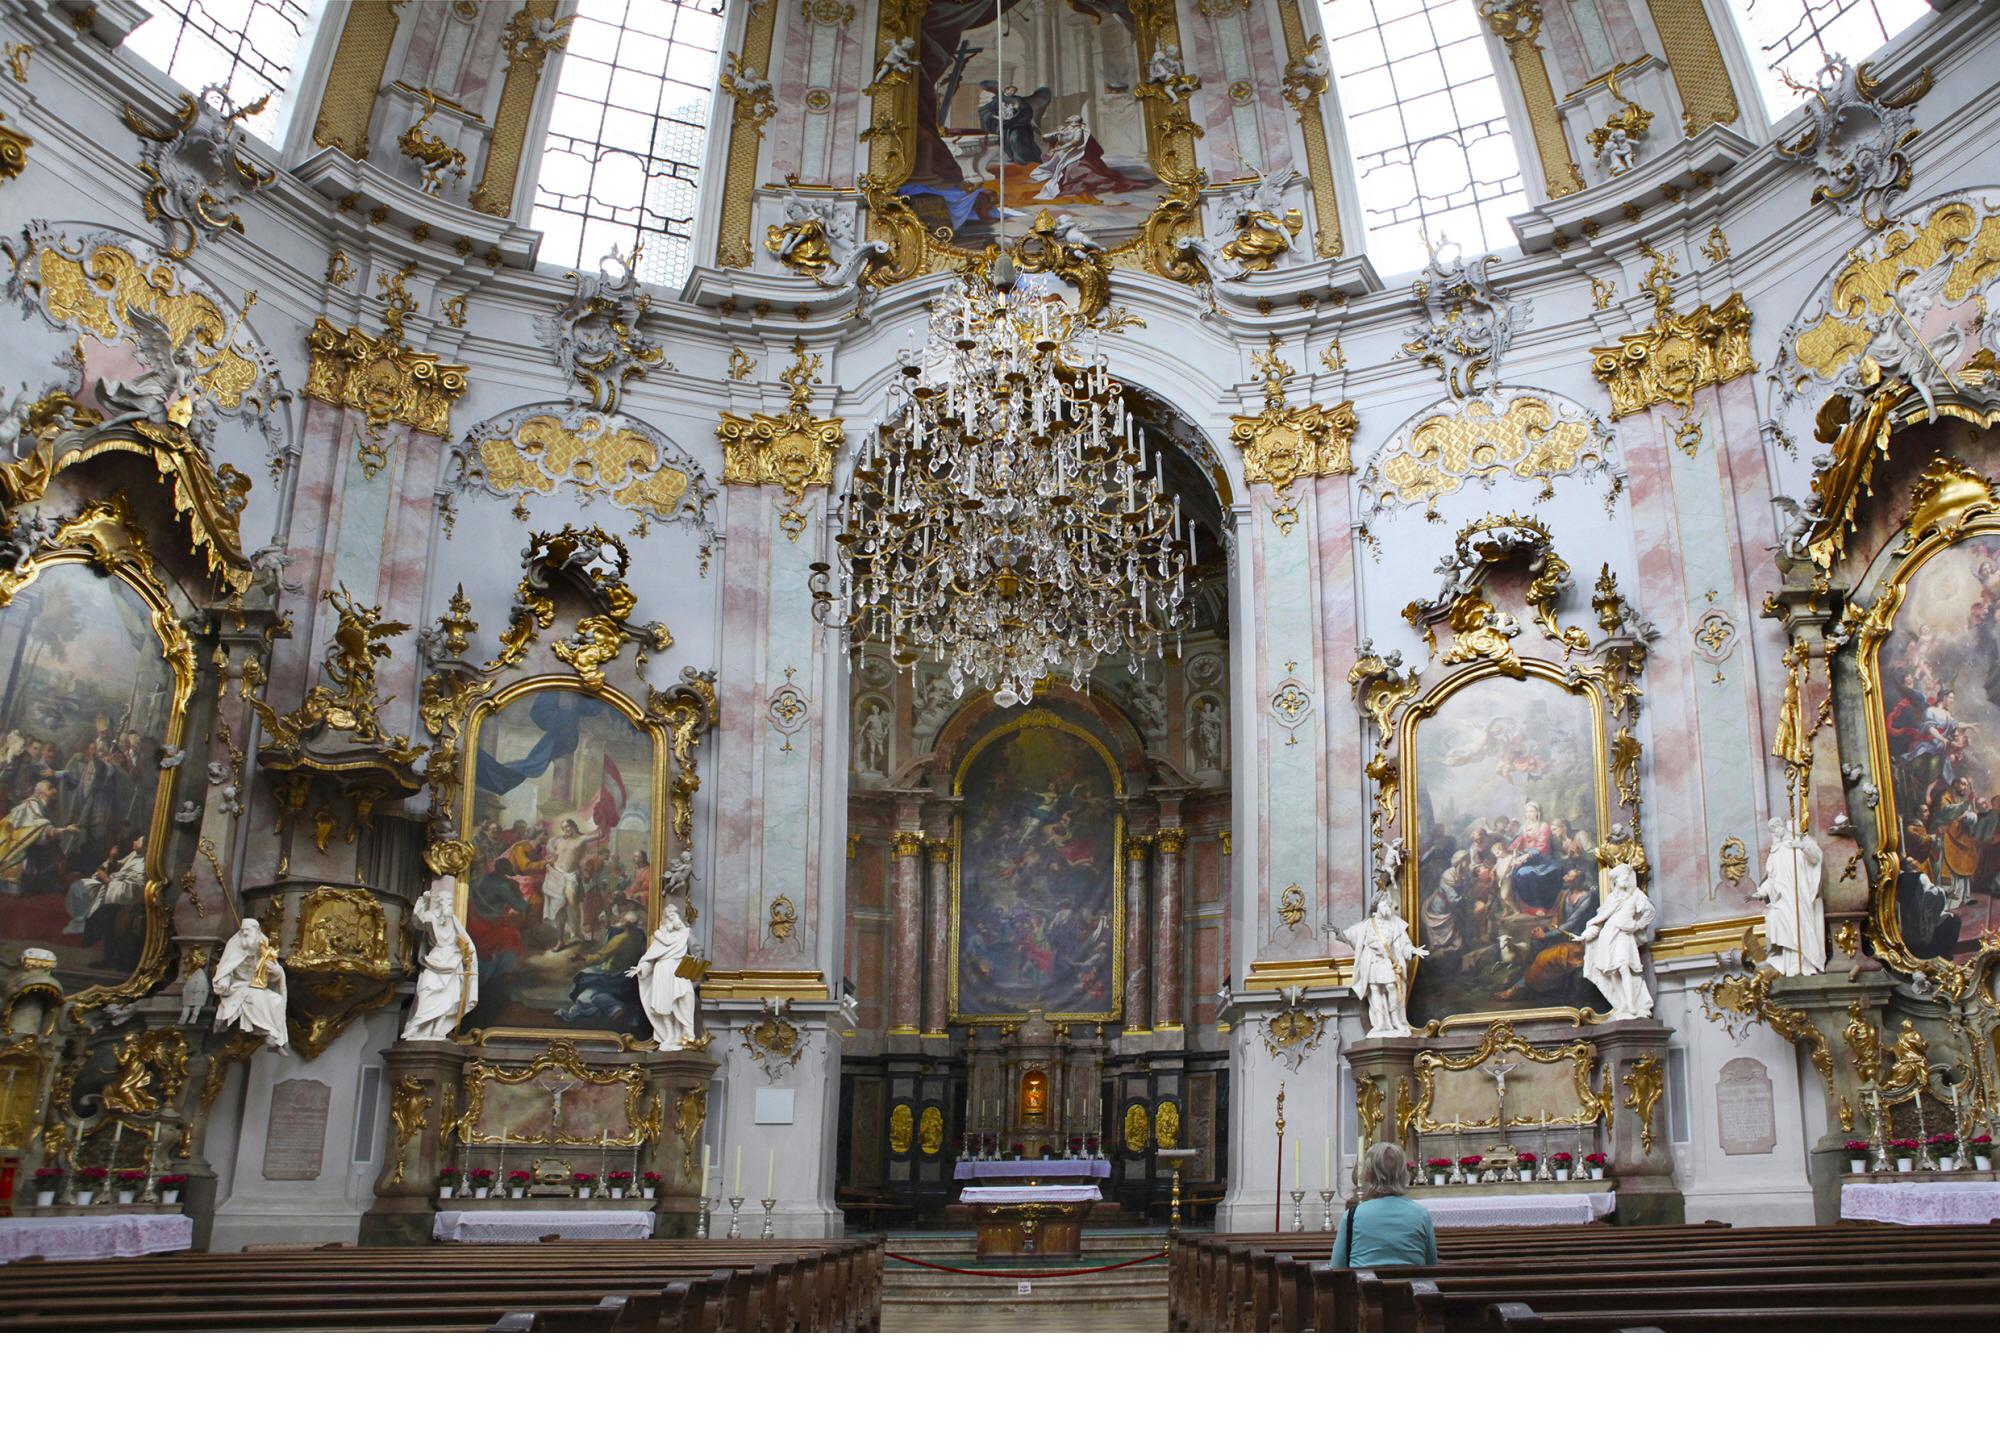 에탈 수도원 성당의 제대